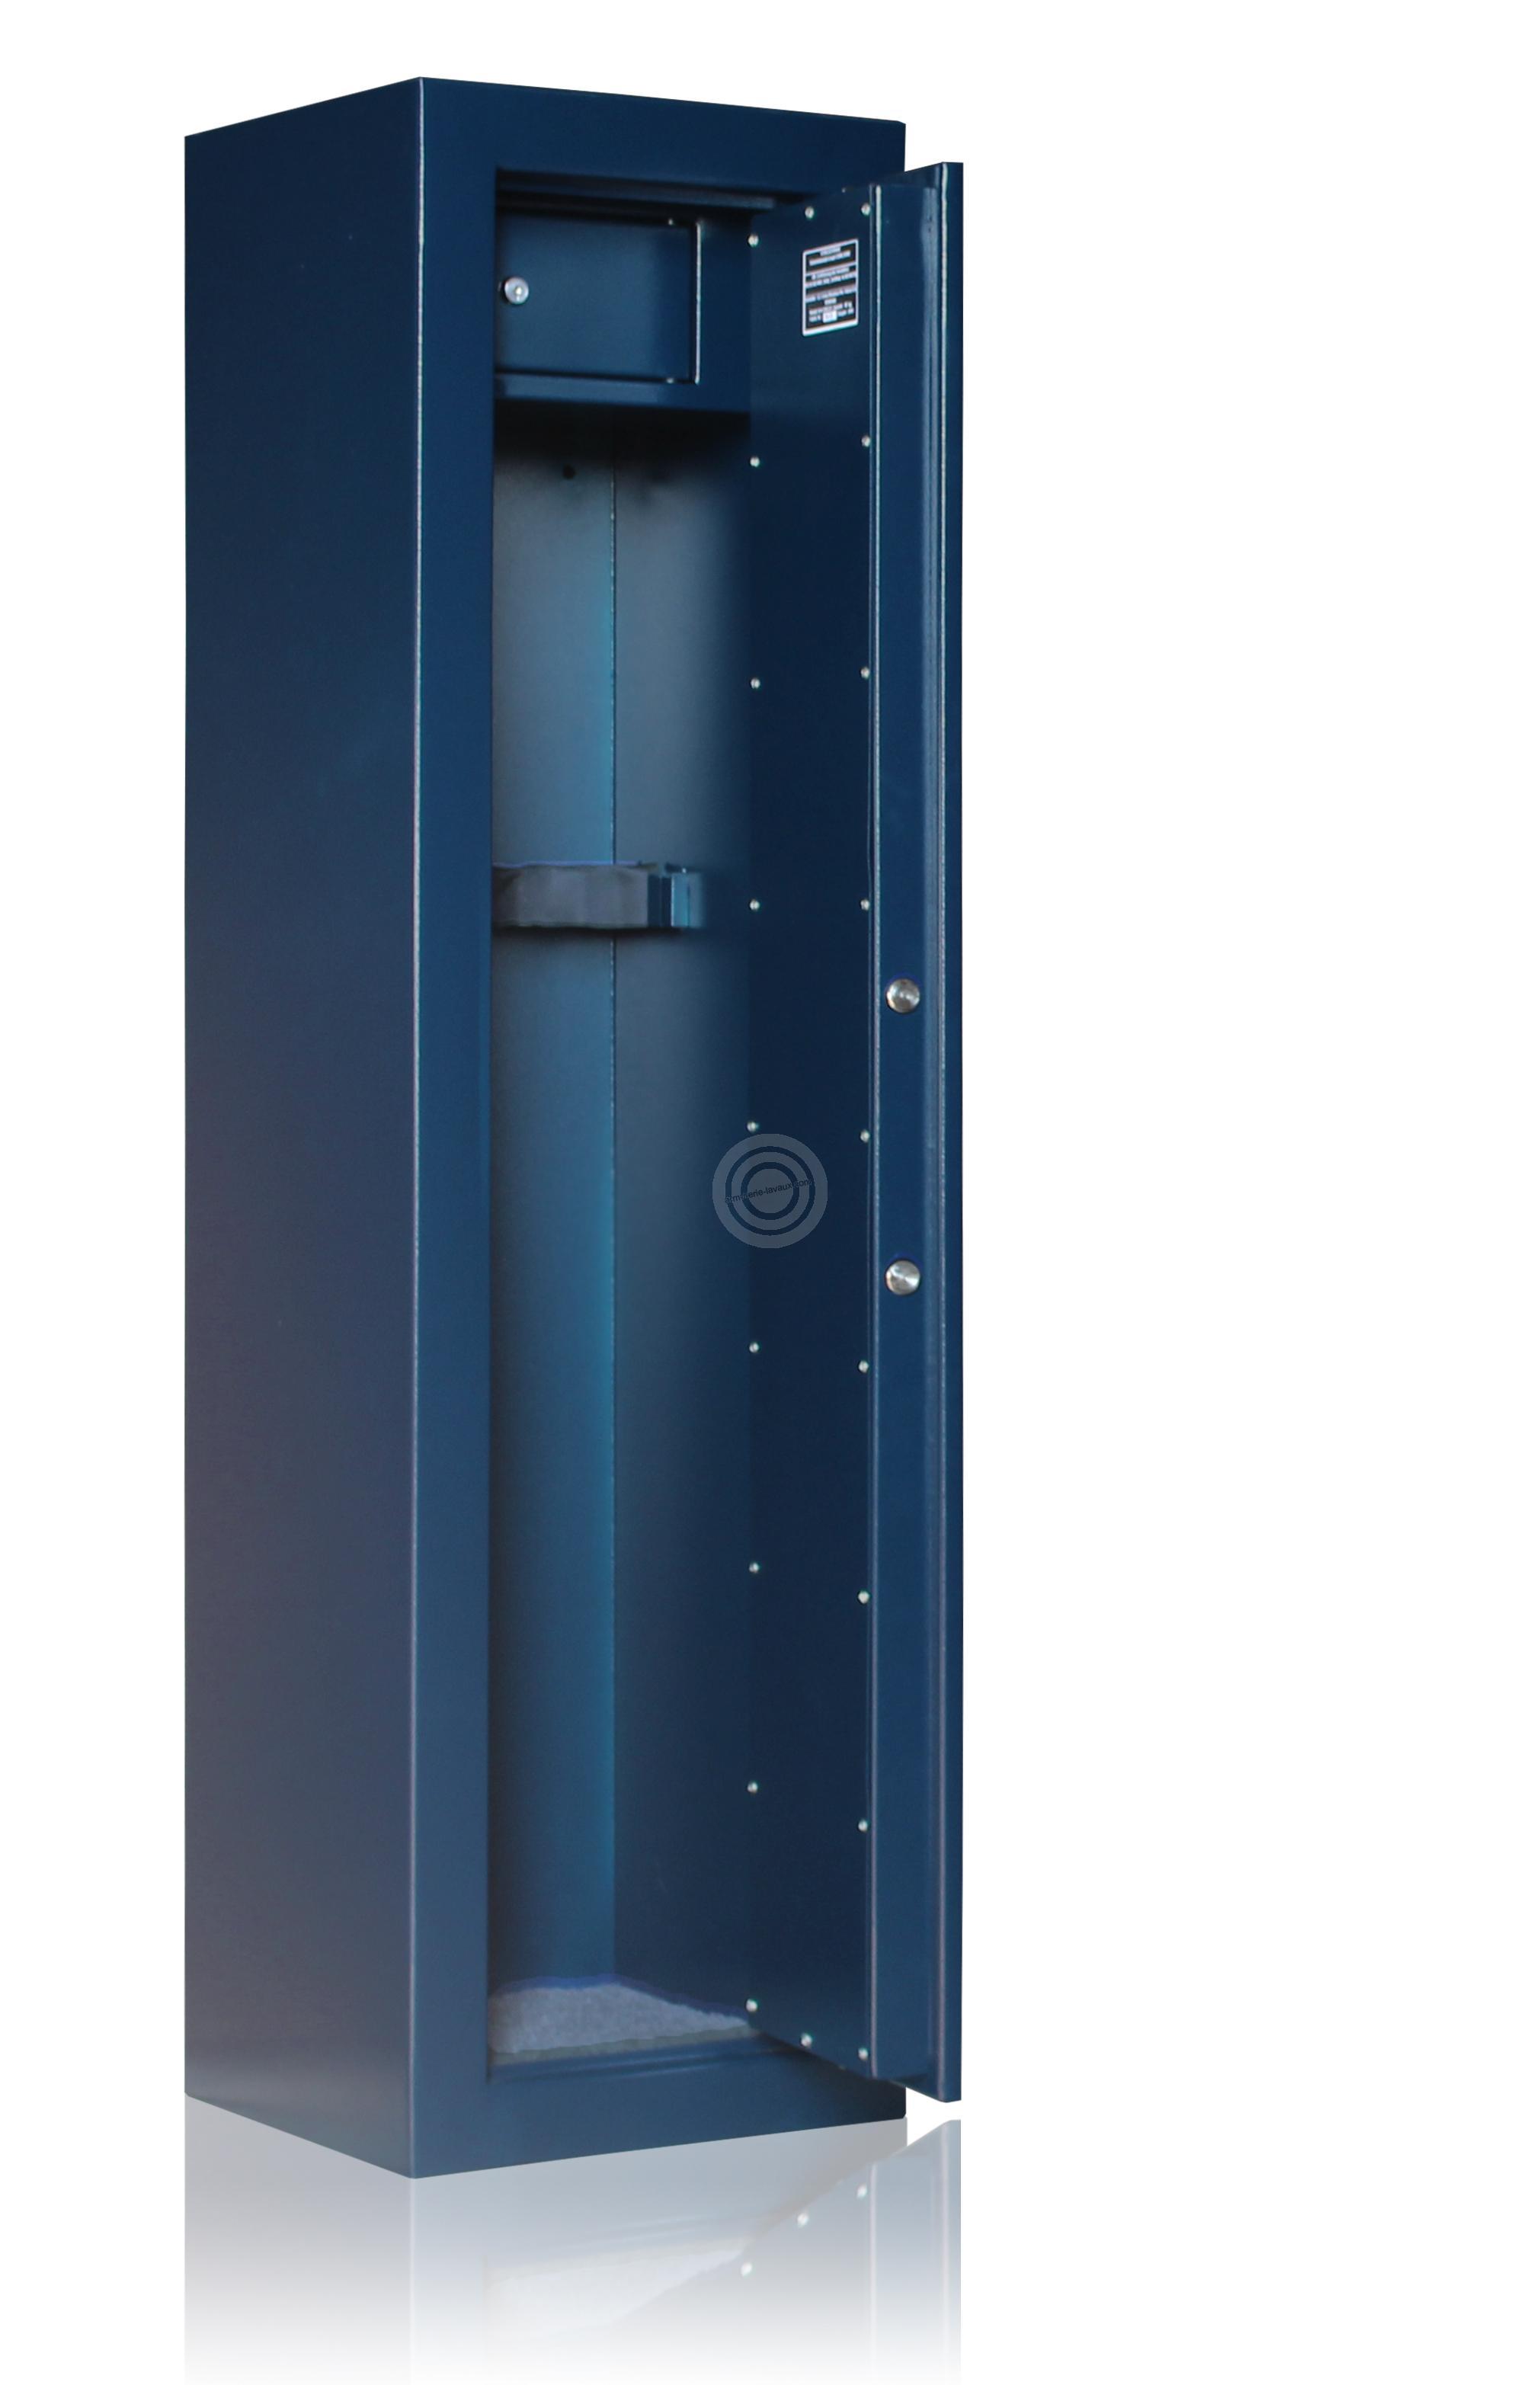 armoire forte elite gold 4 armes avec lunettes 103 kg coffres forts armes sur armurerie lavaux. Black Bedroom Furniture Sets. Home Design Ideas